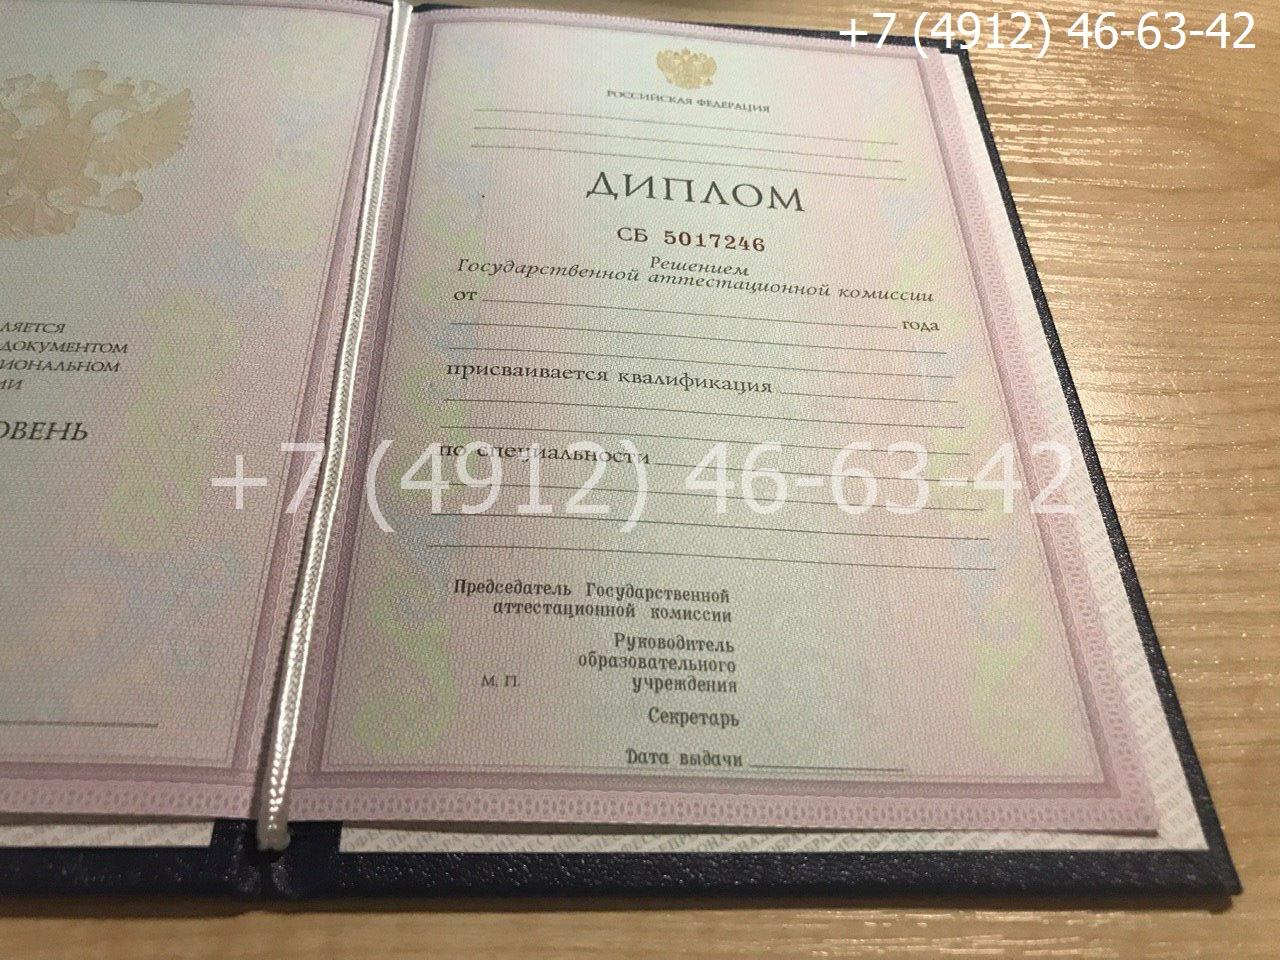 Диплом колледжа 2004-2006 годов, образец, титульный лист-1